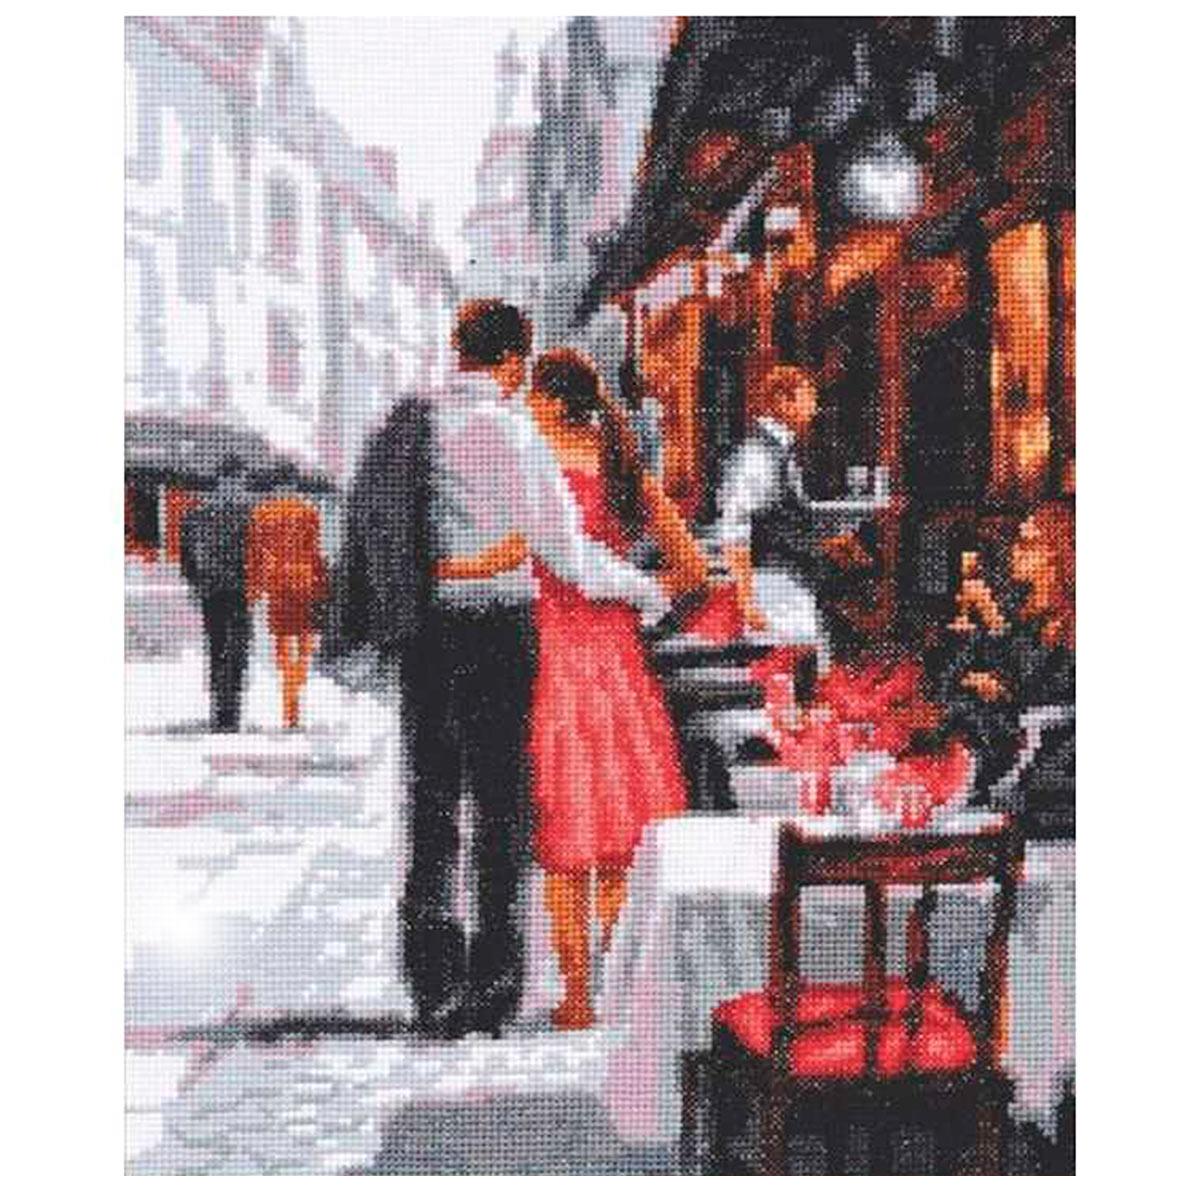 11.008 Набор для вышивания 'Палитра' 'Романтическое настроение', 20х26 см